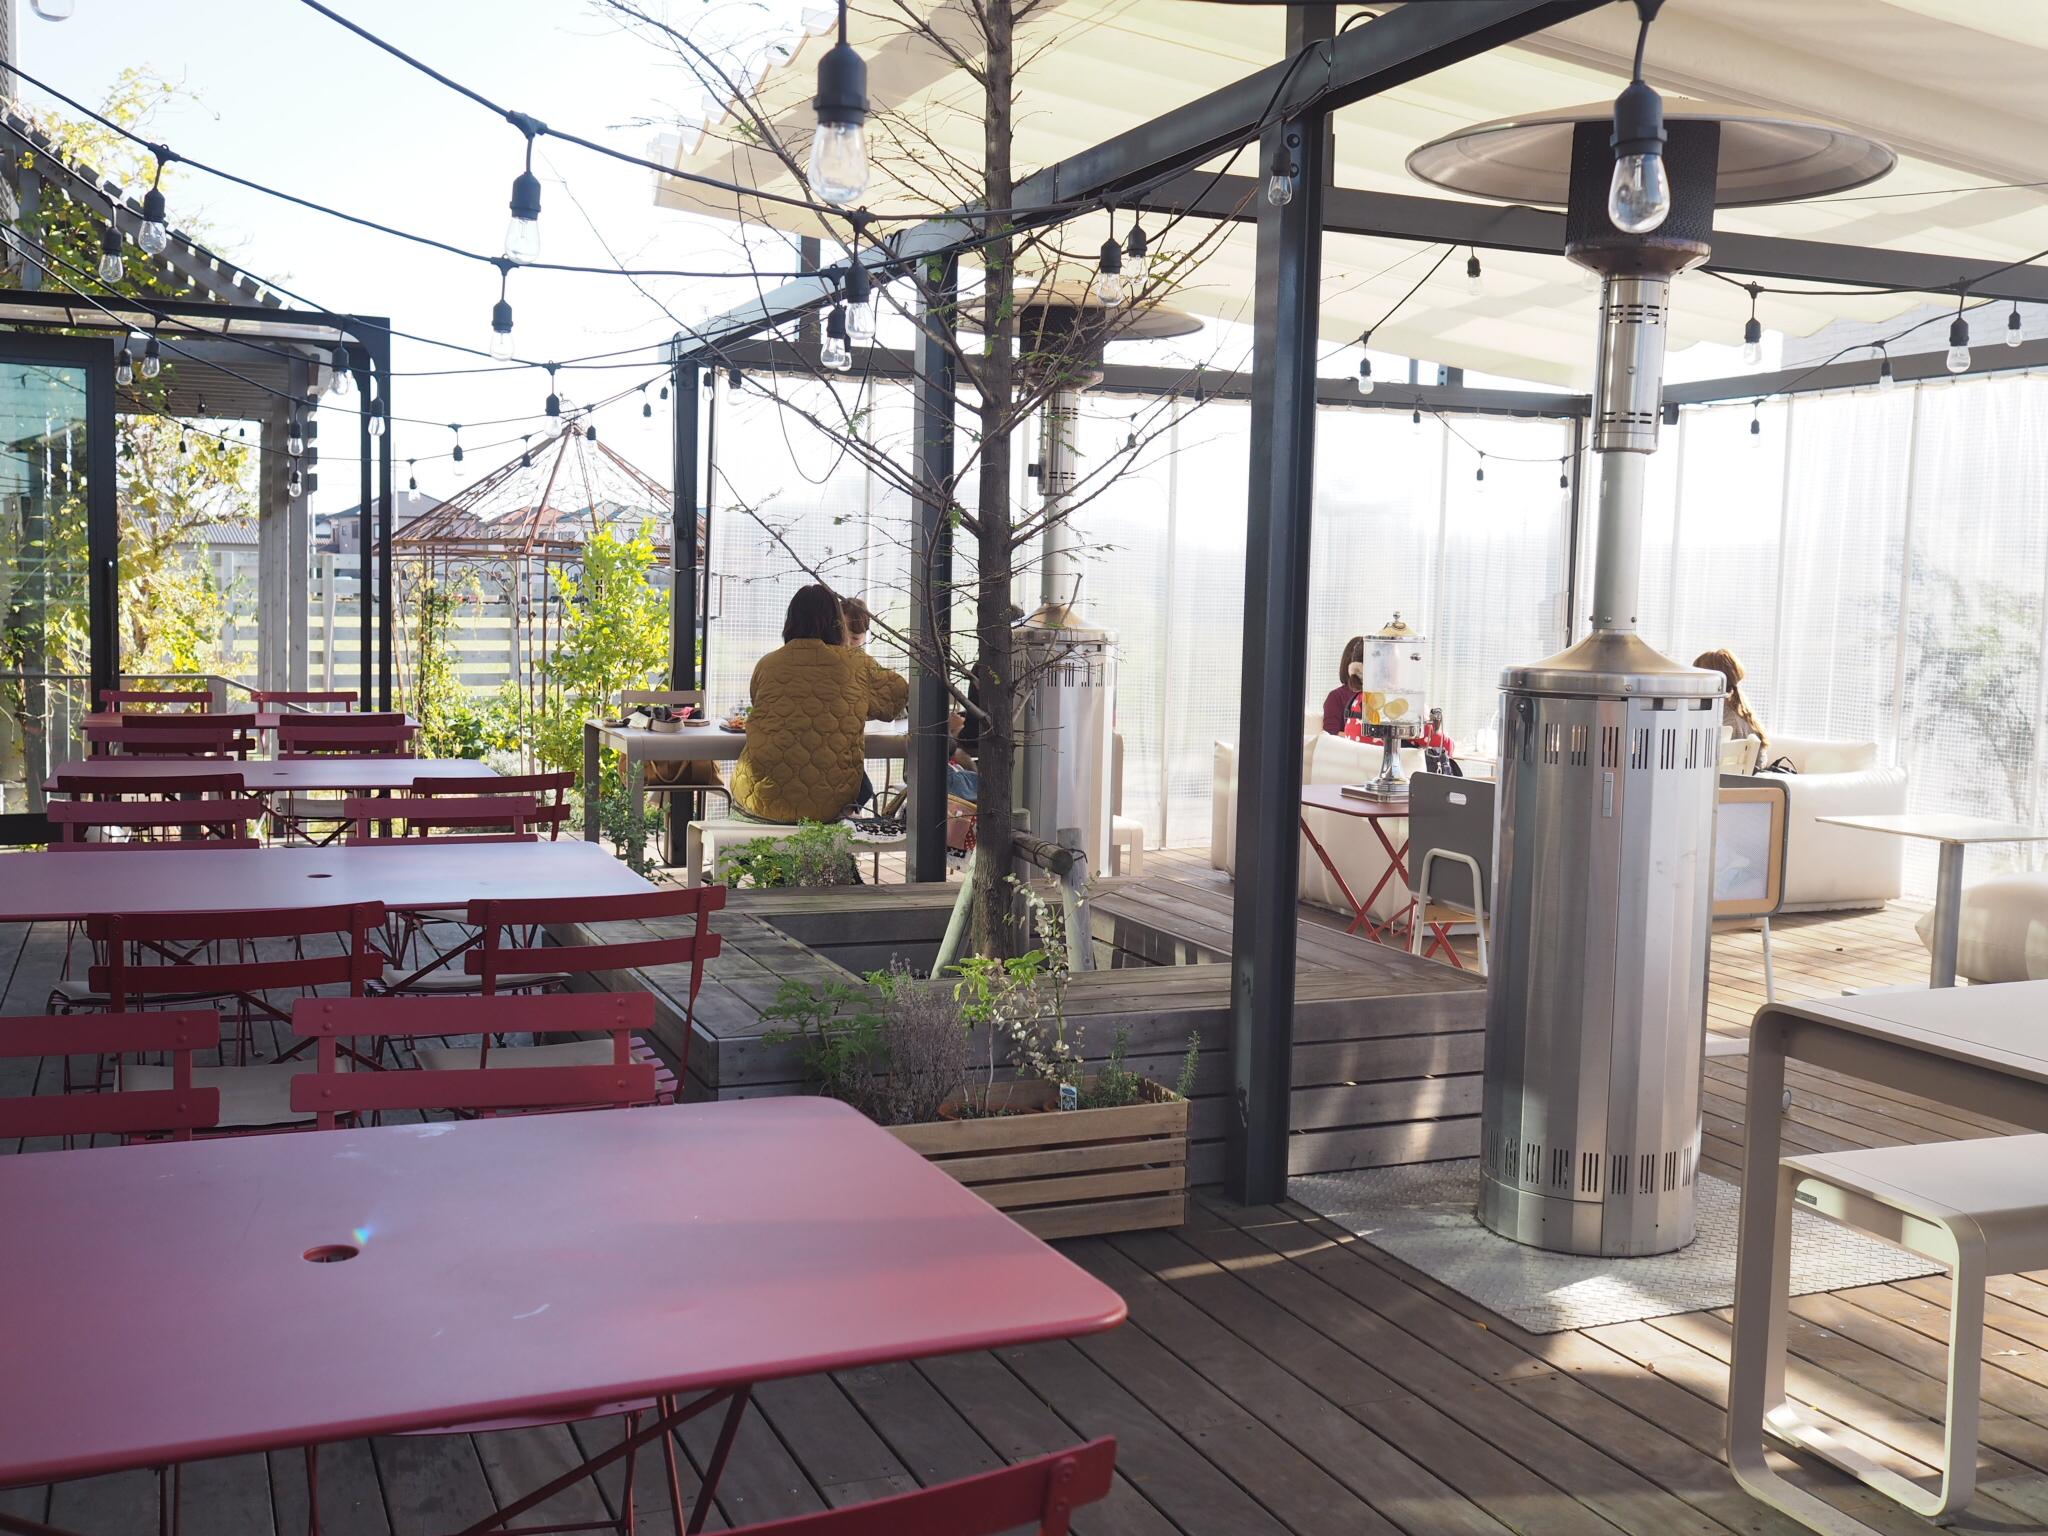 空間にこだわった安城のおしゃれカフェ&ダイニング「TEA HOUSE la CASA」 - lacasa5